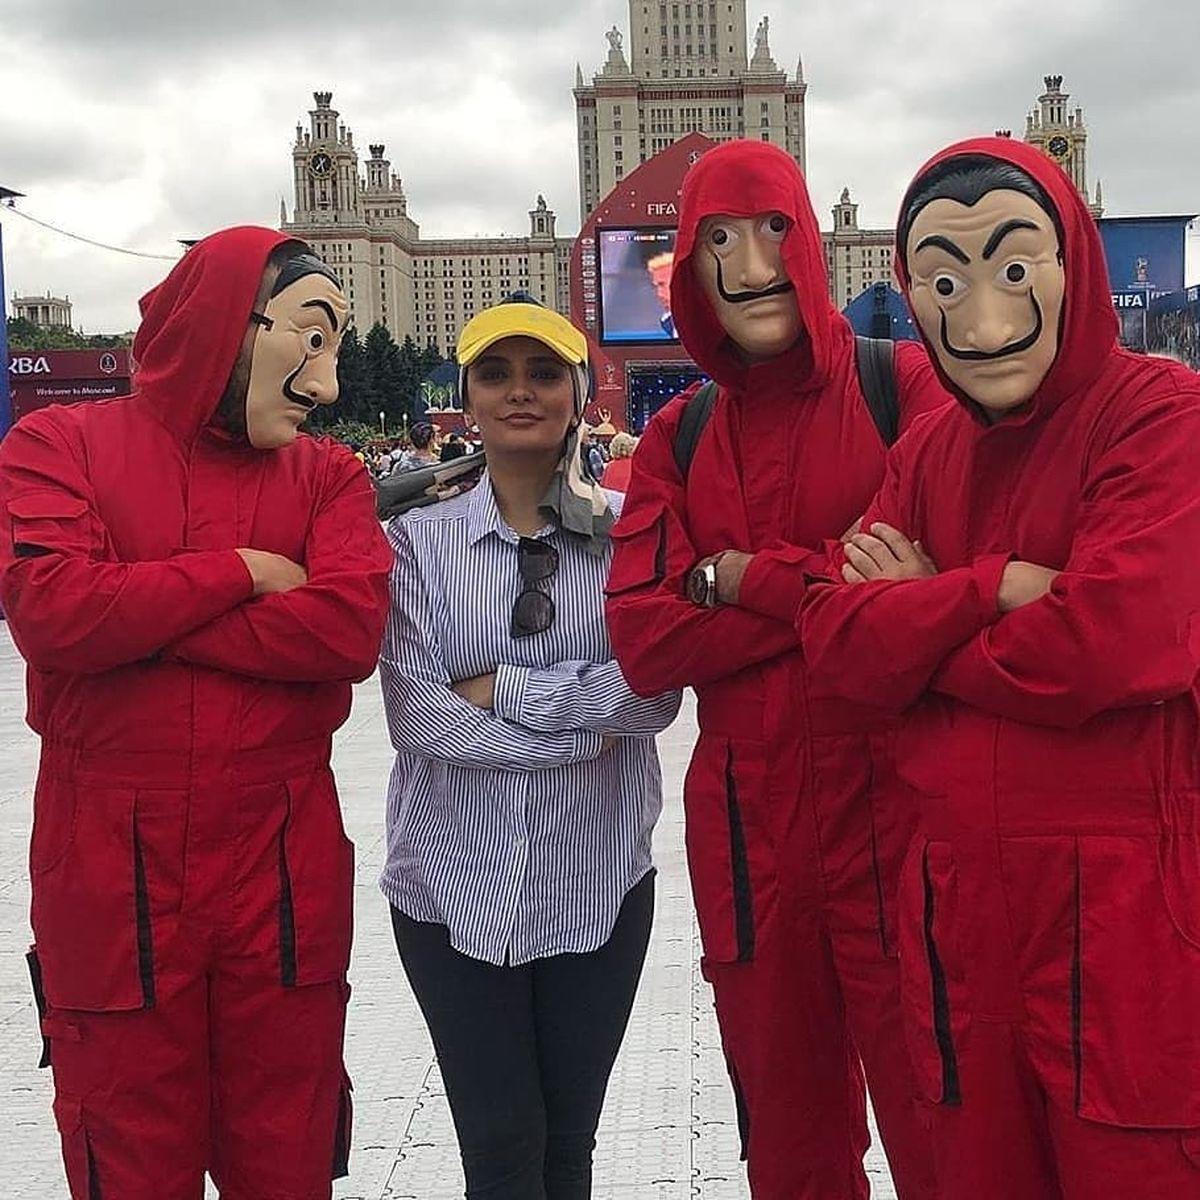 لیندا کیانی با شلوار تنگ در خیابان +عکس